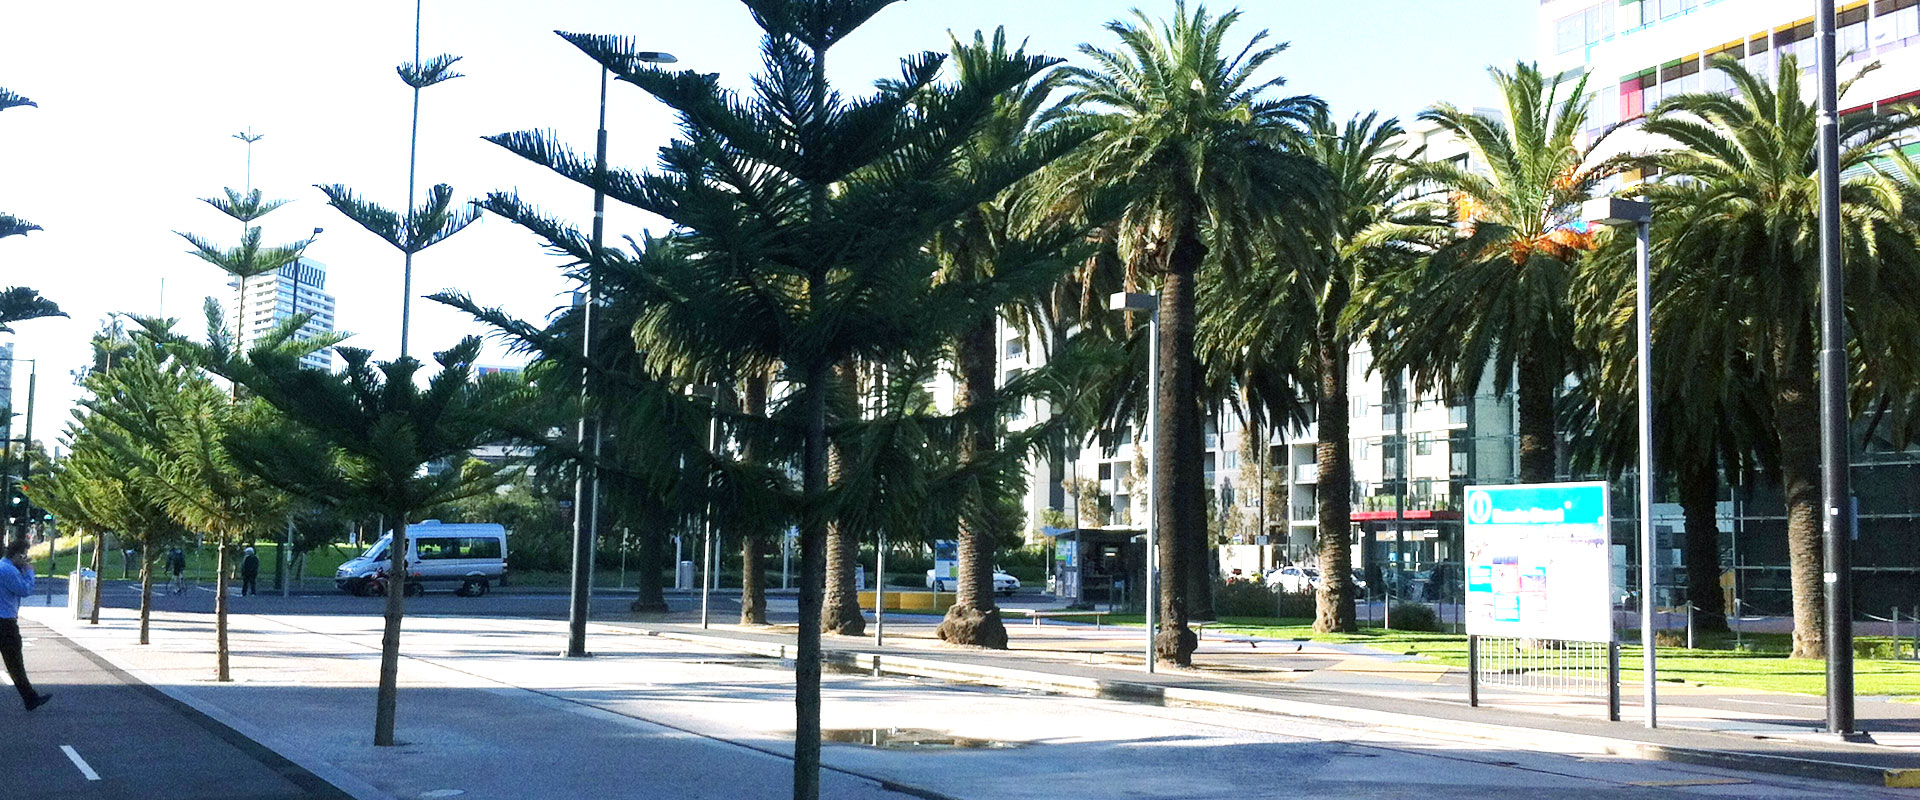 docklands established tree planting ett